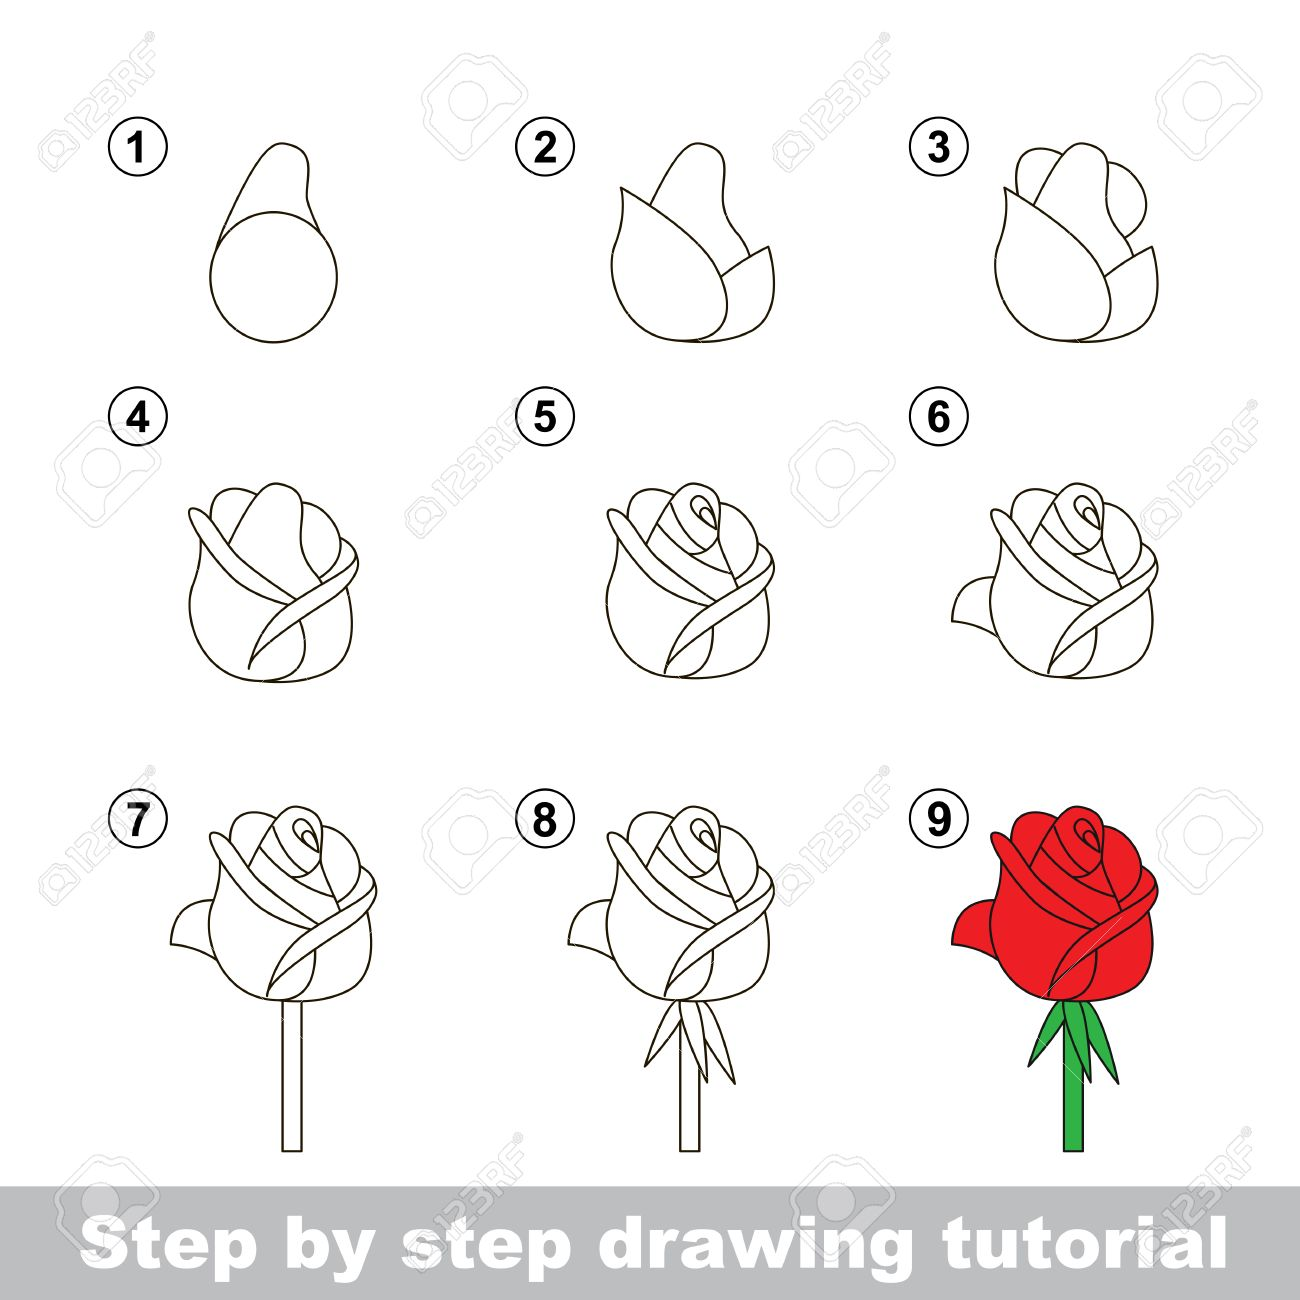 Schritt Fur Schritt Zeichnung Tutorial Vector Kid Spiel Wie Eine